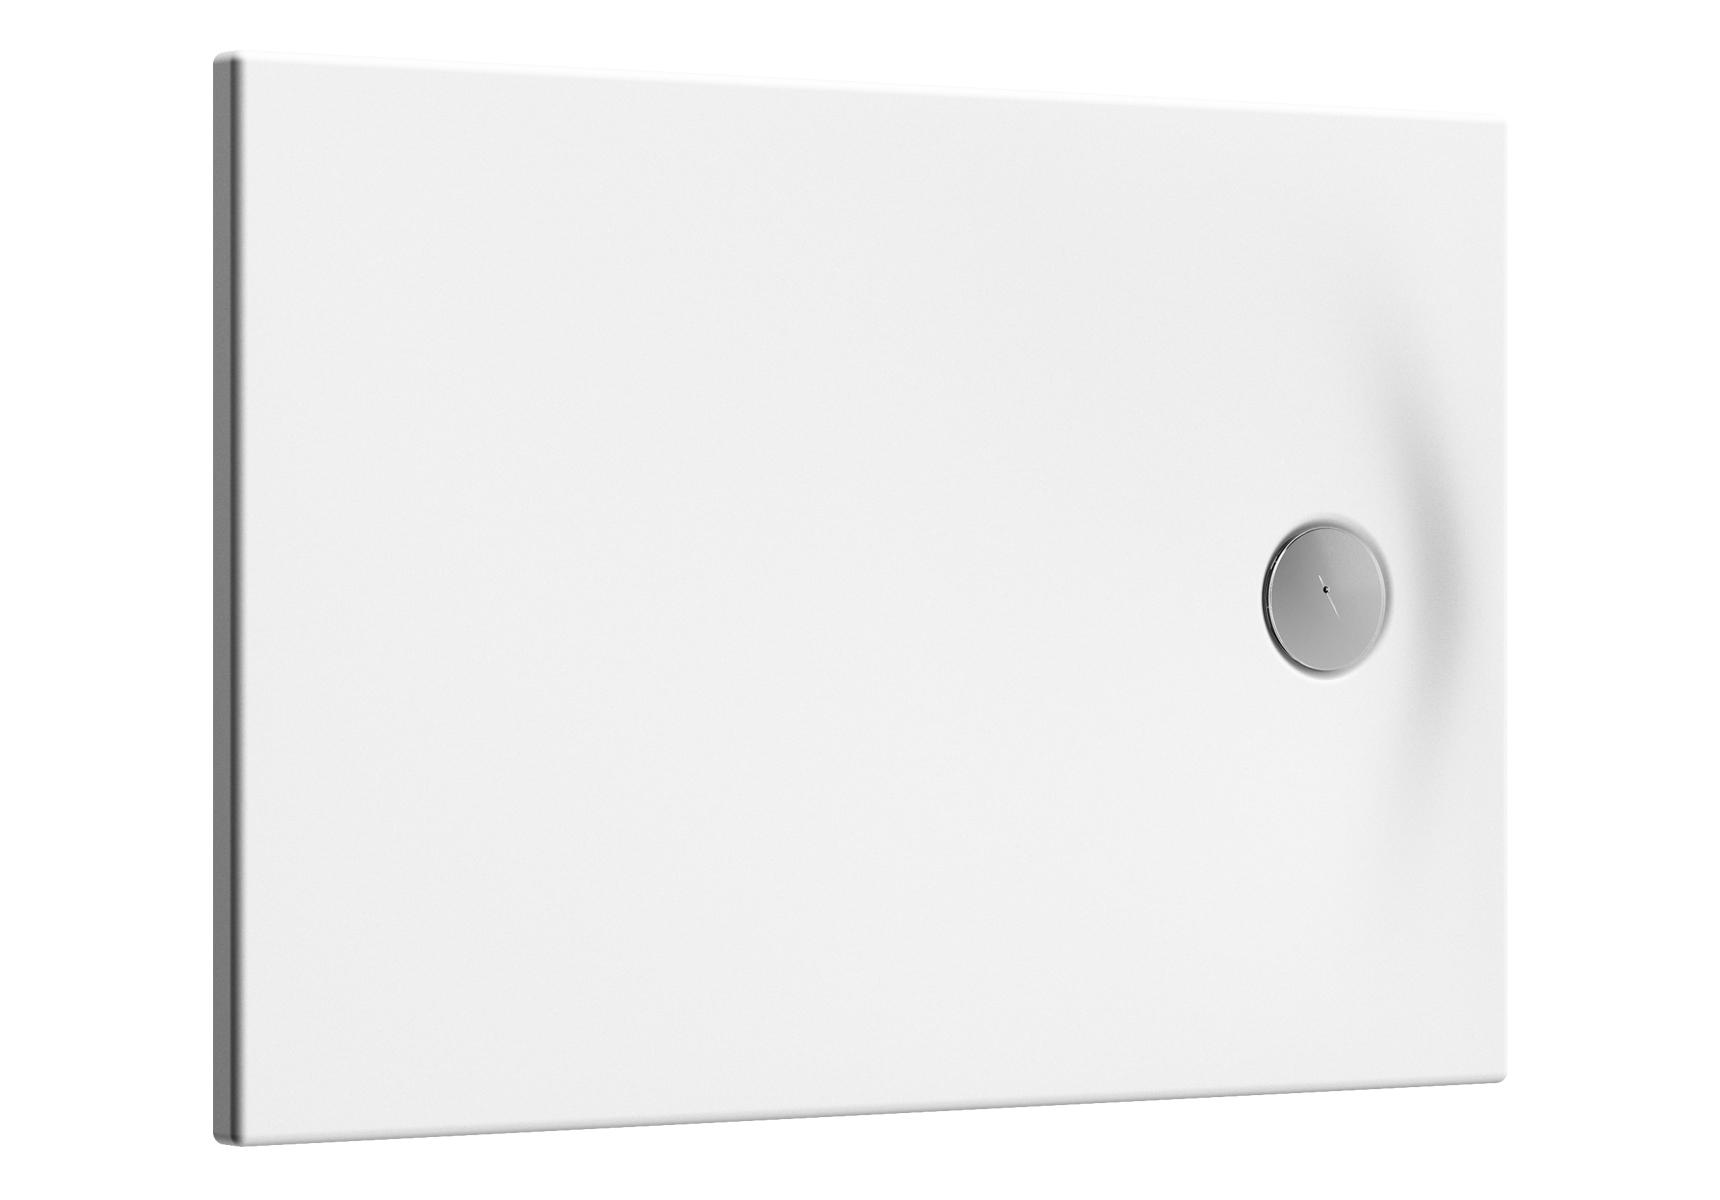 Smooth receveur ultra plat en acrylique, 3,2 mm, à encastrer ou à poser, rectangulaire, 90  x  70 cm